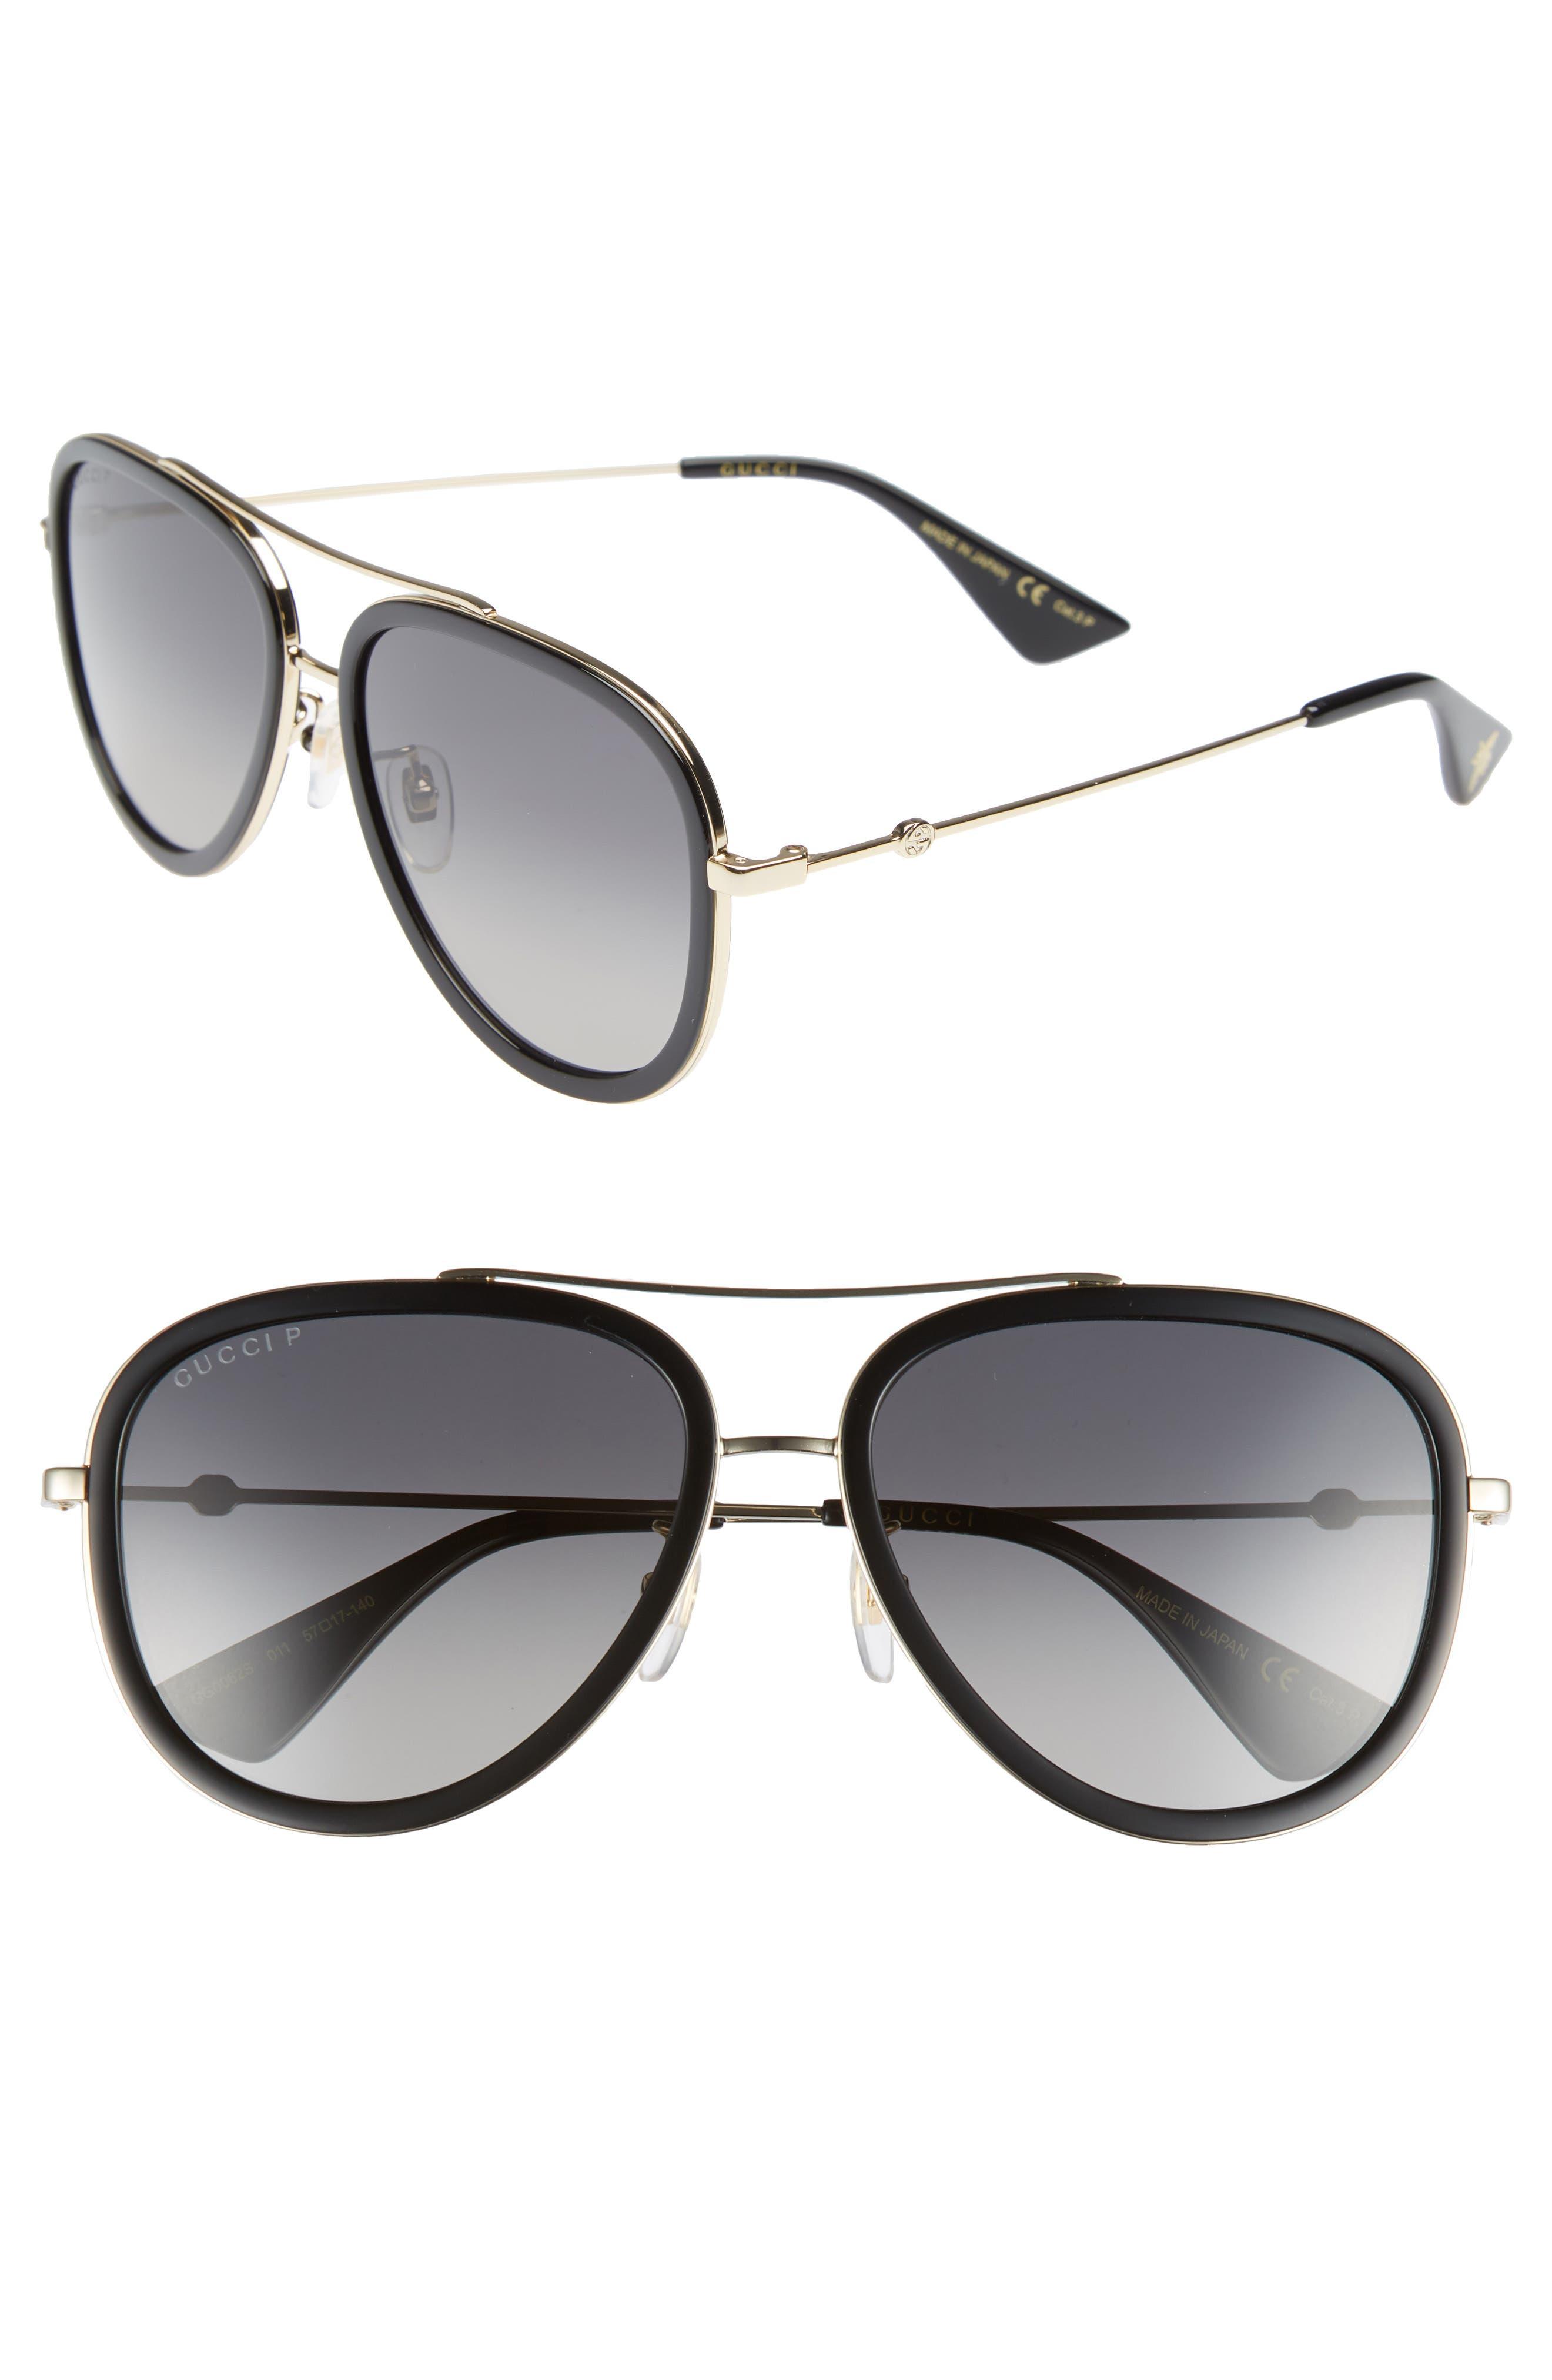 Web Block Pilot 57mm Polarized Aviator Sunglasses,                             Main thumbnail 1, color,                             Gold/ Black